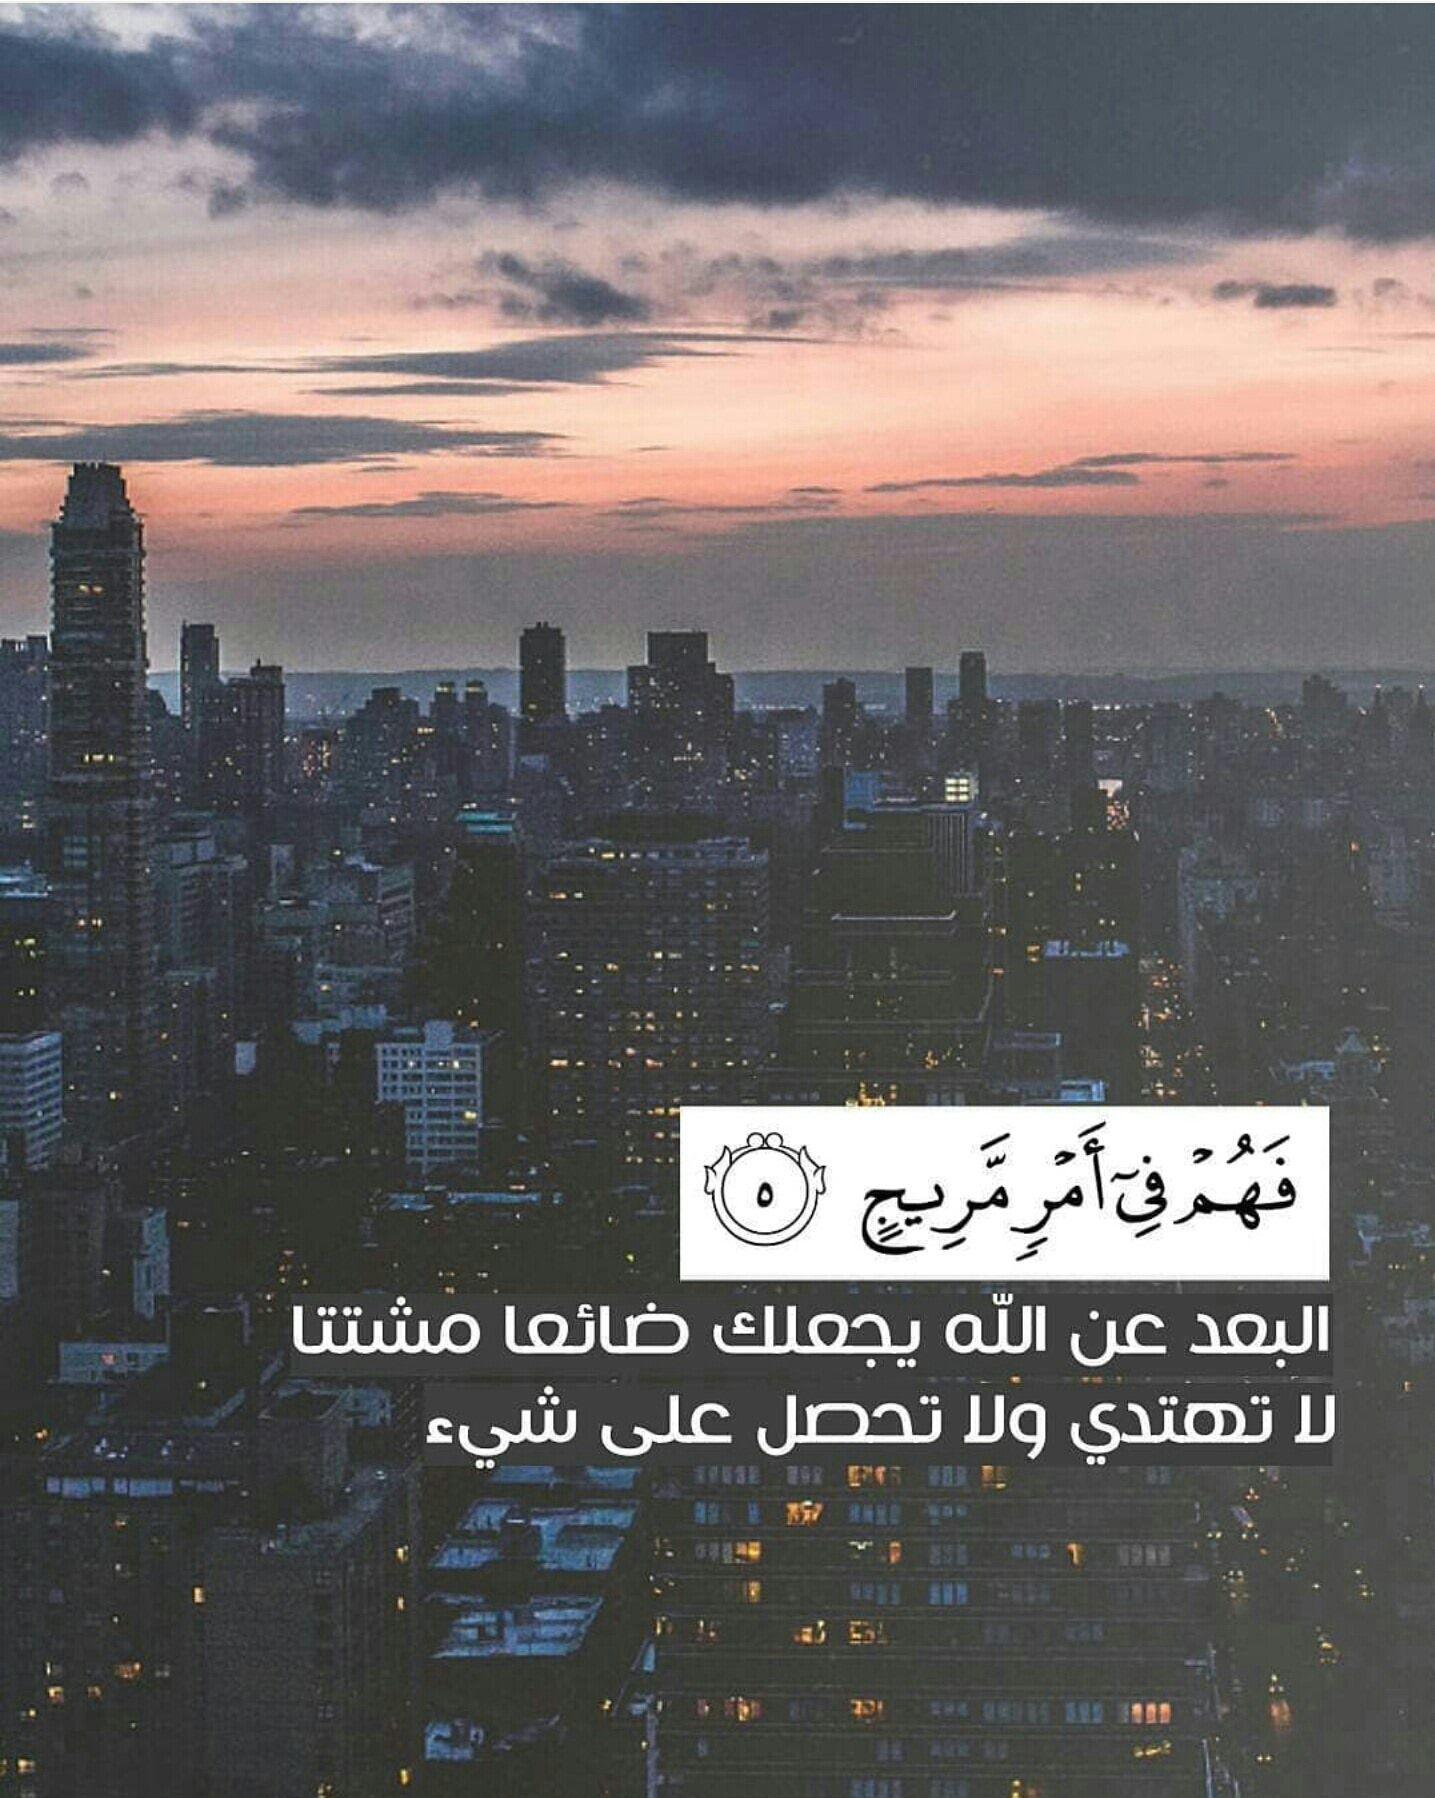 خواطر اسلامية تويتر In 2020 Quran Quotes Beautiful Words Photo